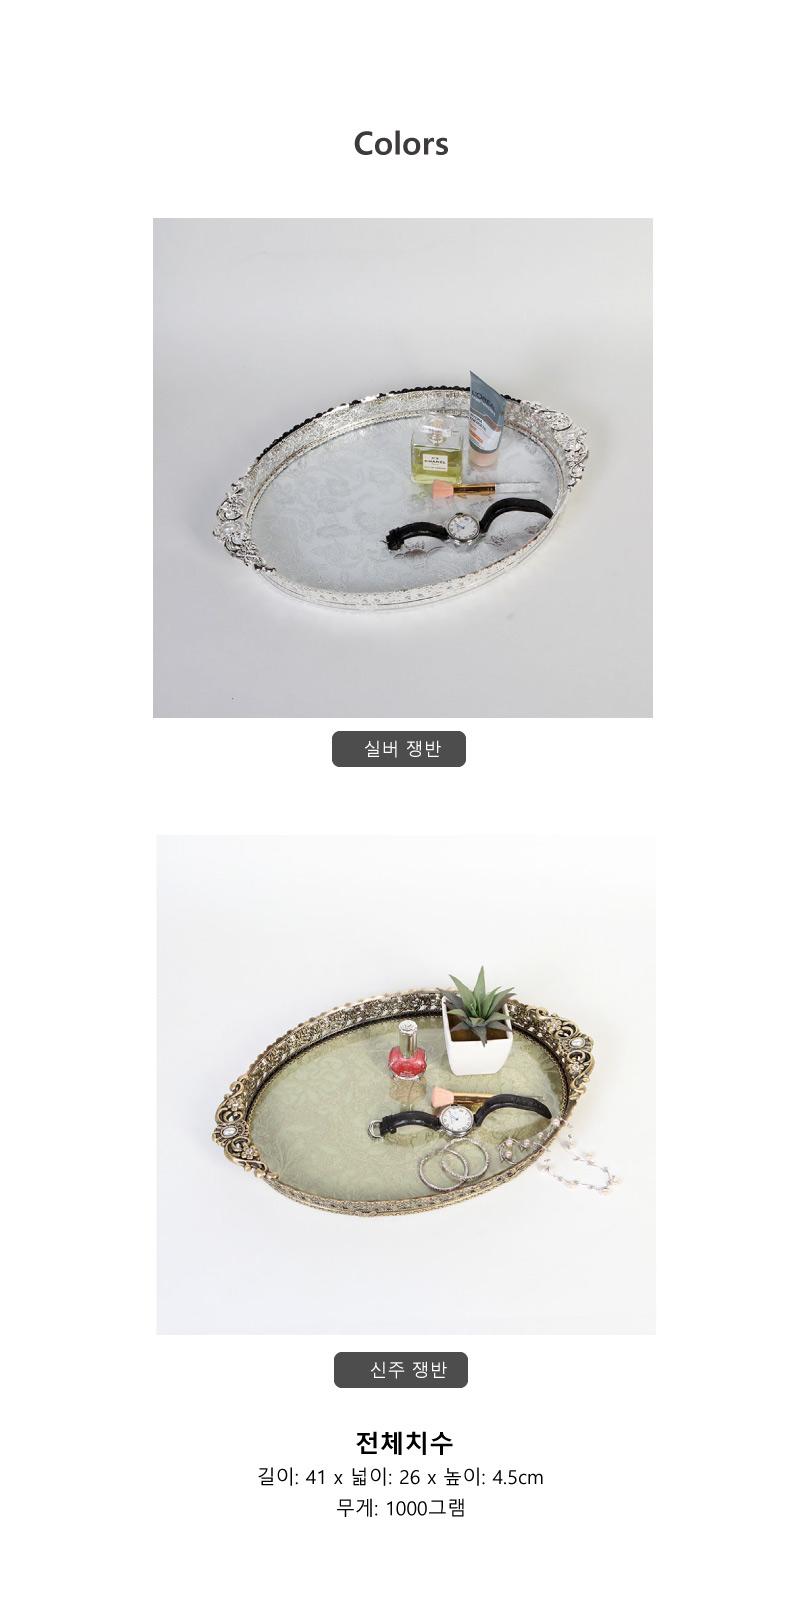 큐티메탈 루비 배너티 화장대정리 수납 쟁반 라지-2색상 - 크레디스, 31,840원, 정리함, 화장품정리함